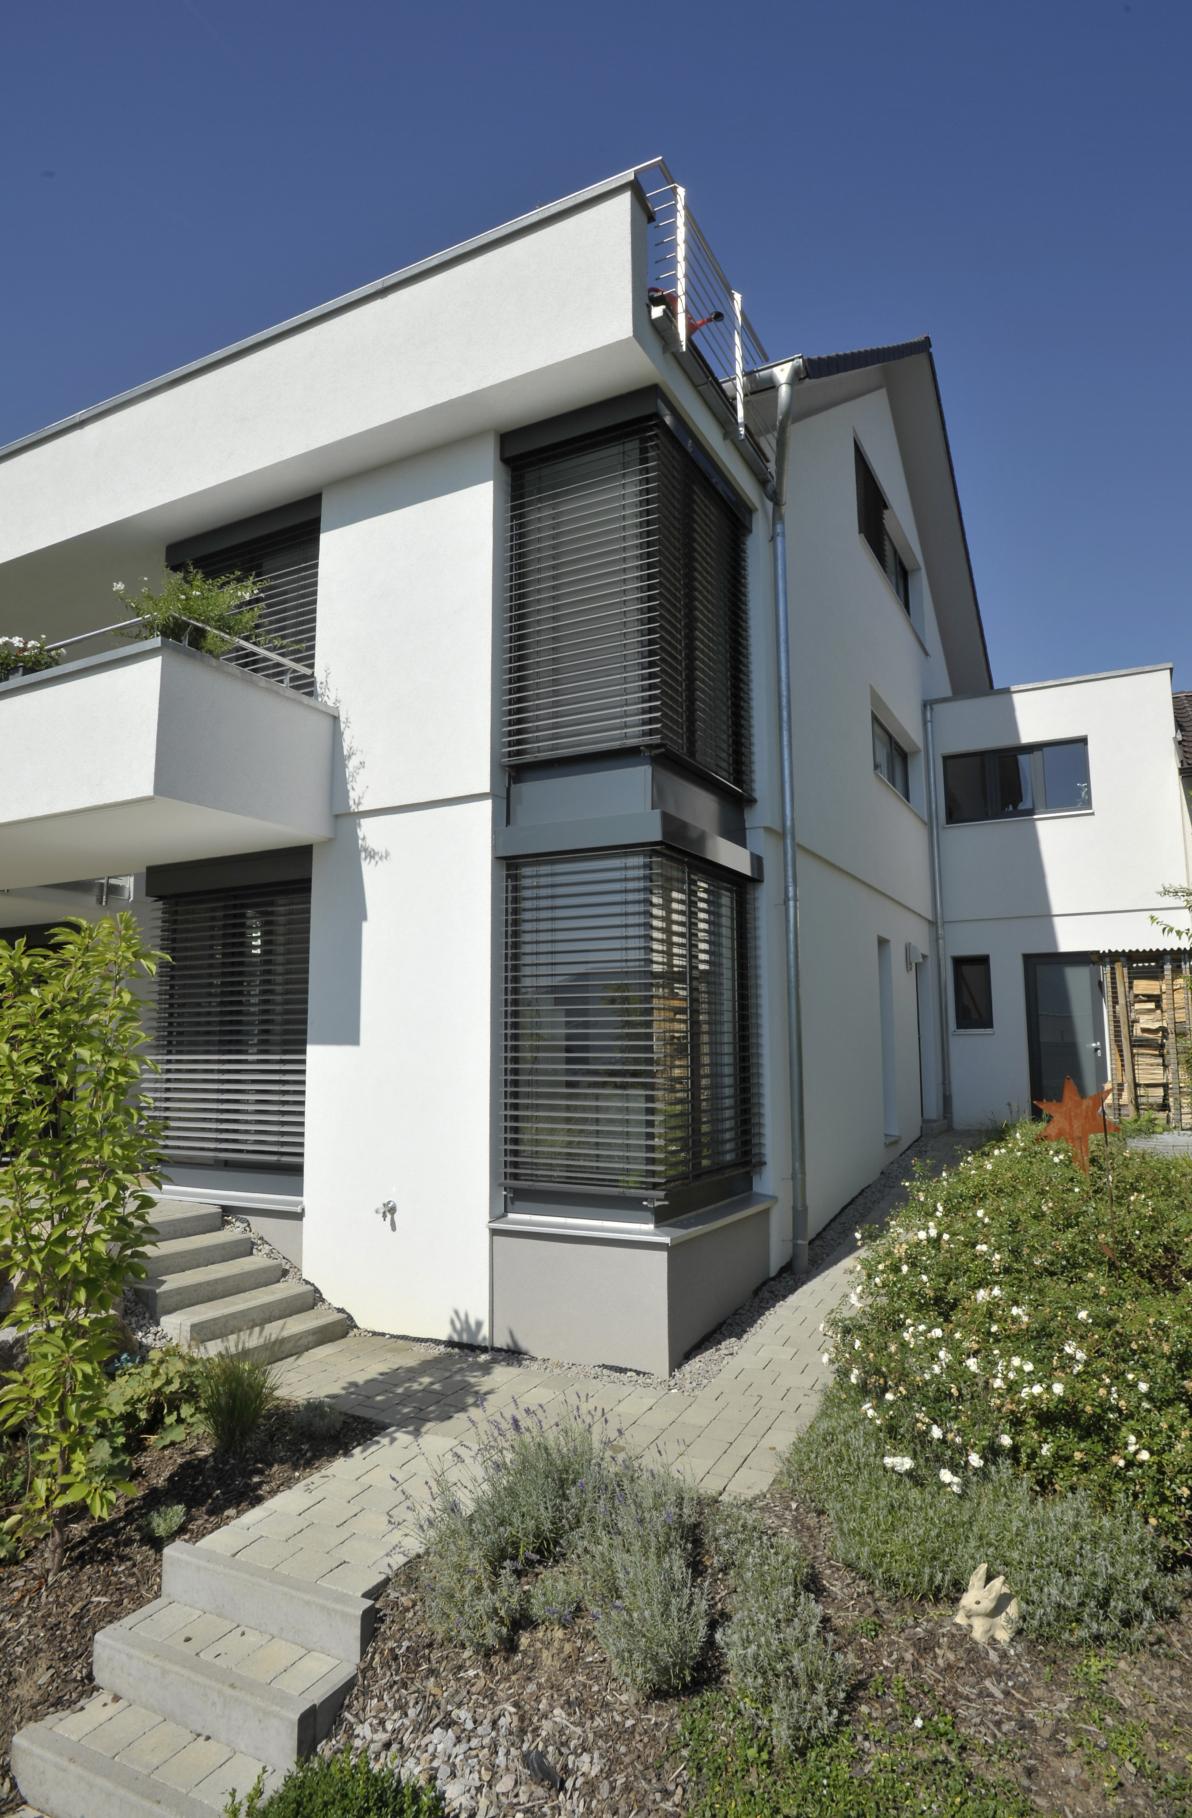 buerohauser_Neubau-Einfamilienhaus_Bauen mit Holz_Holzmodulbau_06